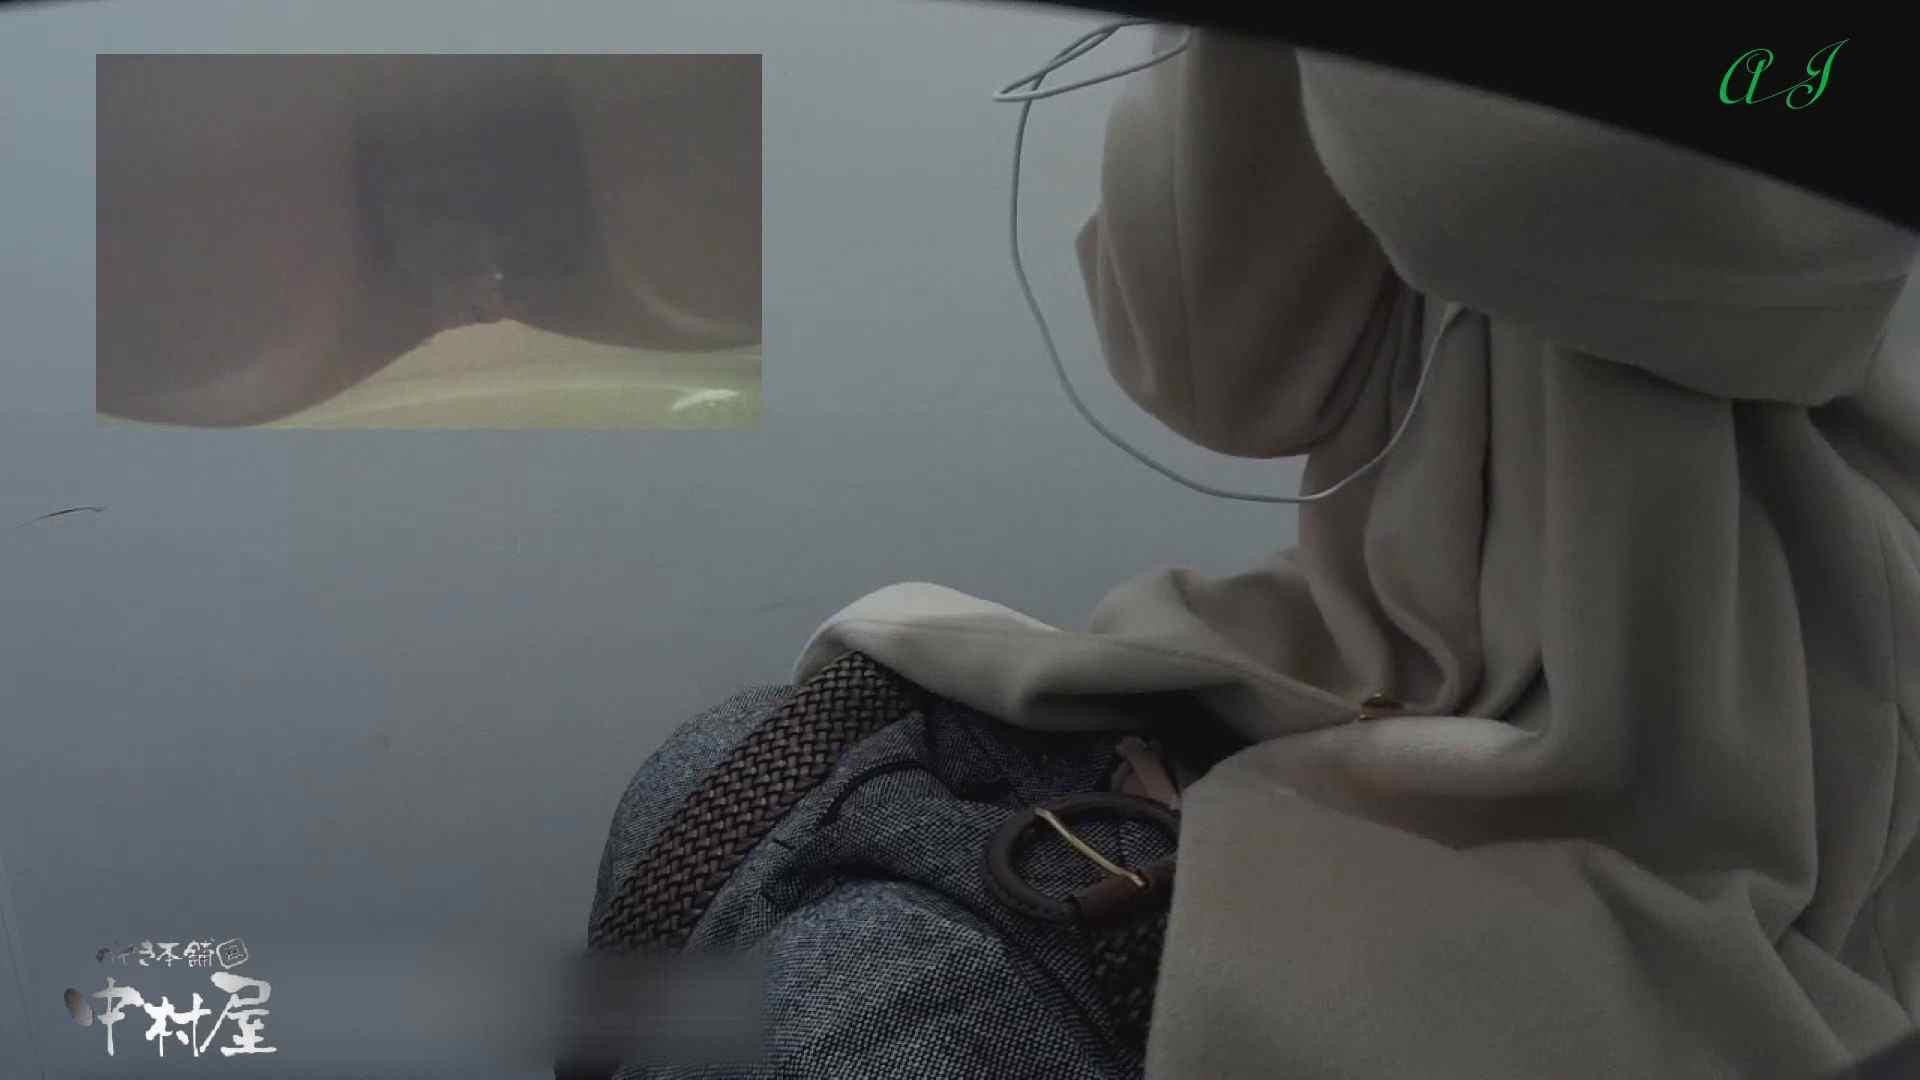 有名大学女性洗面所 vol.78 美女勢揃い 前編 潜入画像 | 人気シリーズ  74画像 62